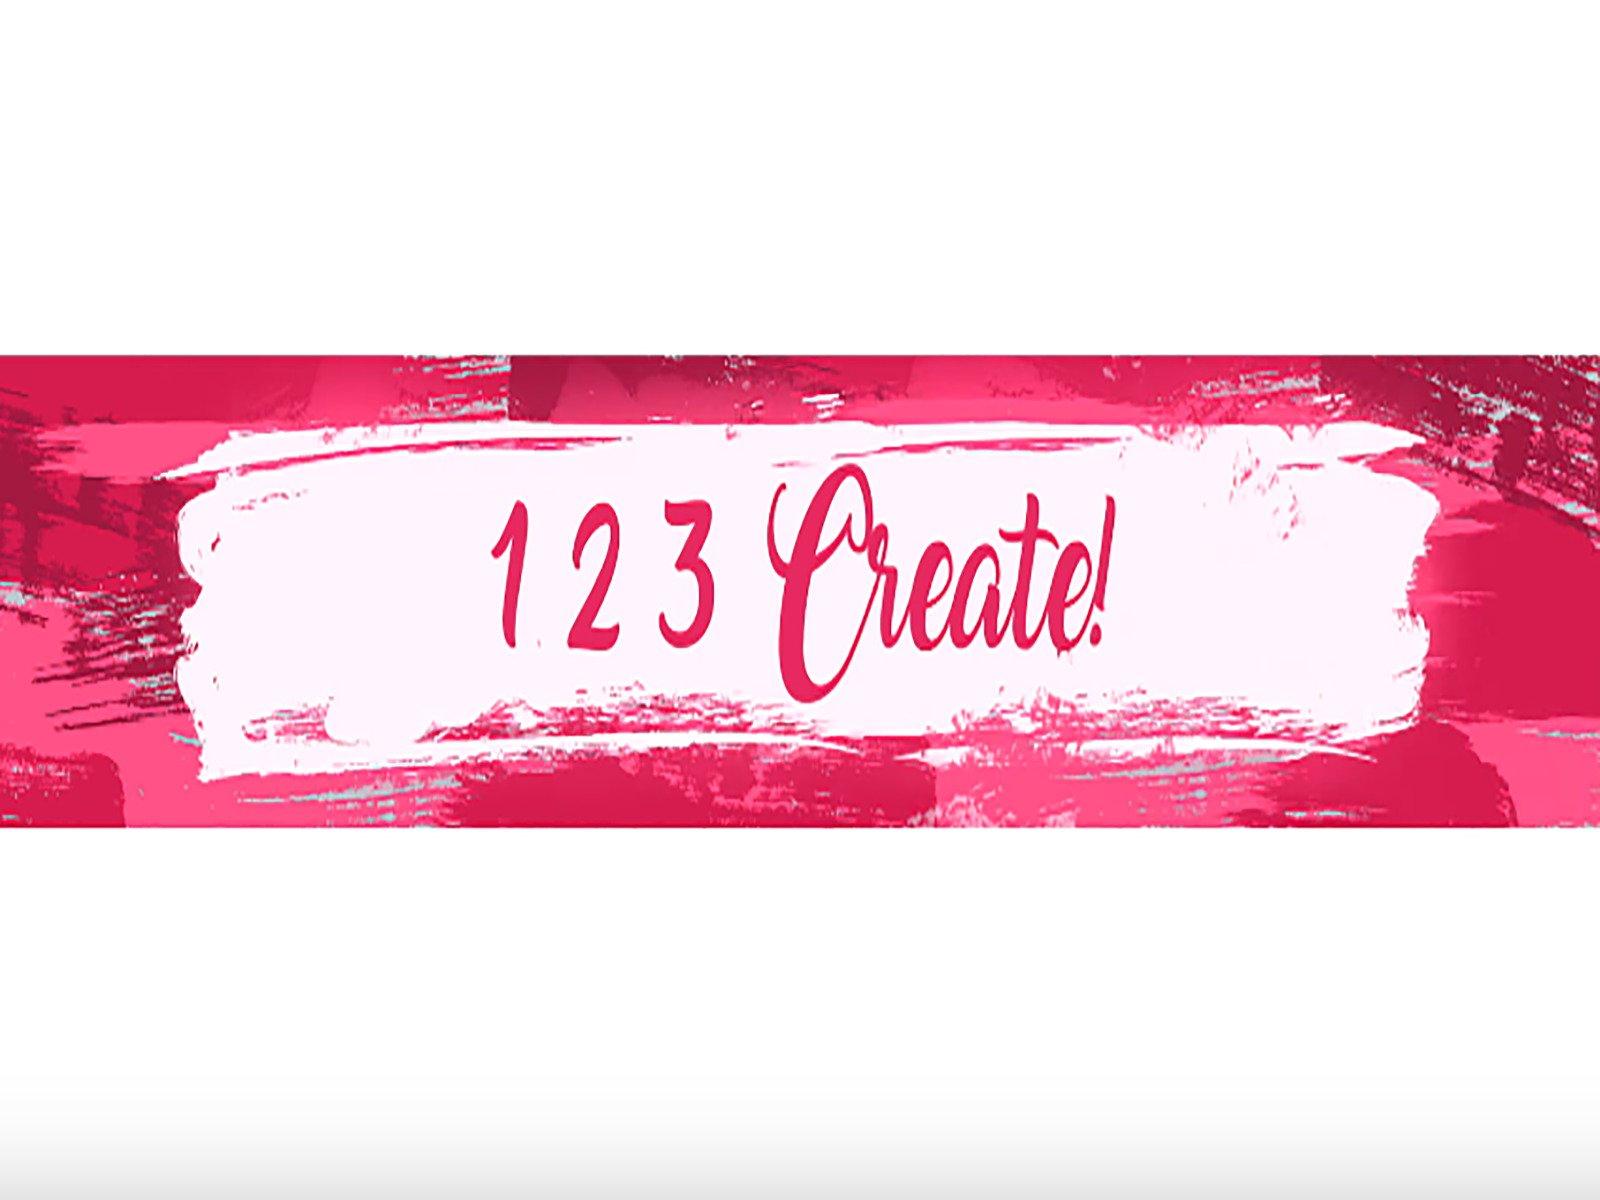 1 2 3 Create - Season 1